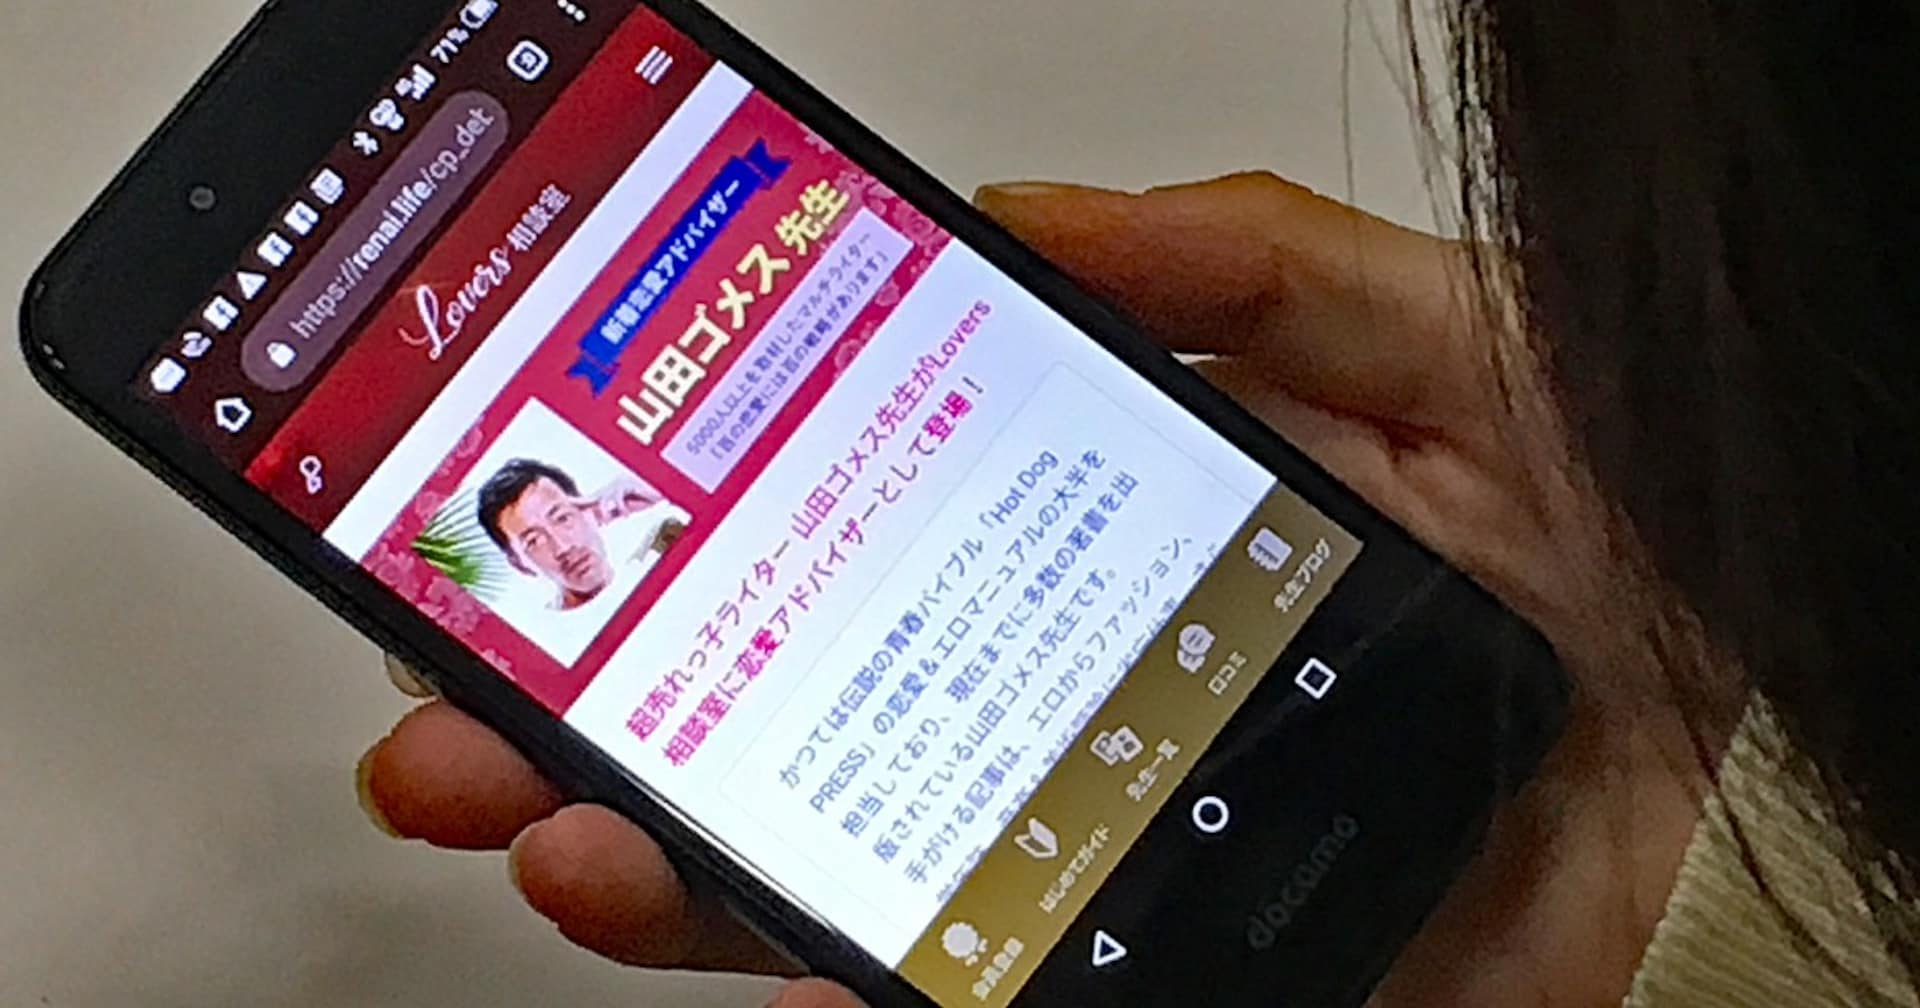 マッチングアプリ全盛の今、「電話によるアナログサービス」に若者が食いつく理由